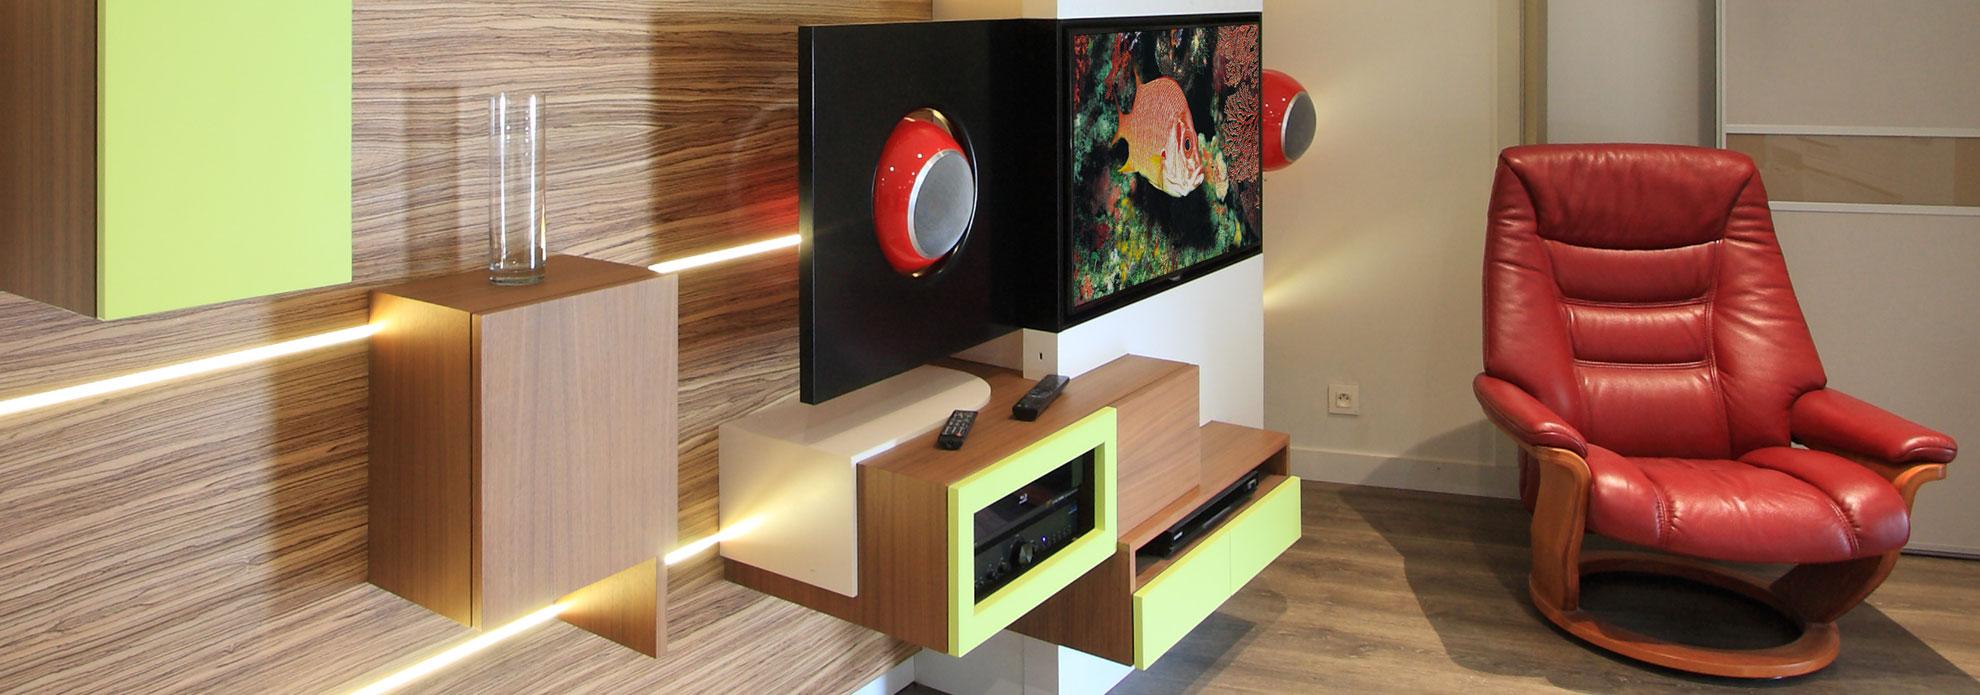 Spécialiste du meuble vidéo intégré